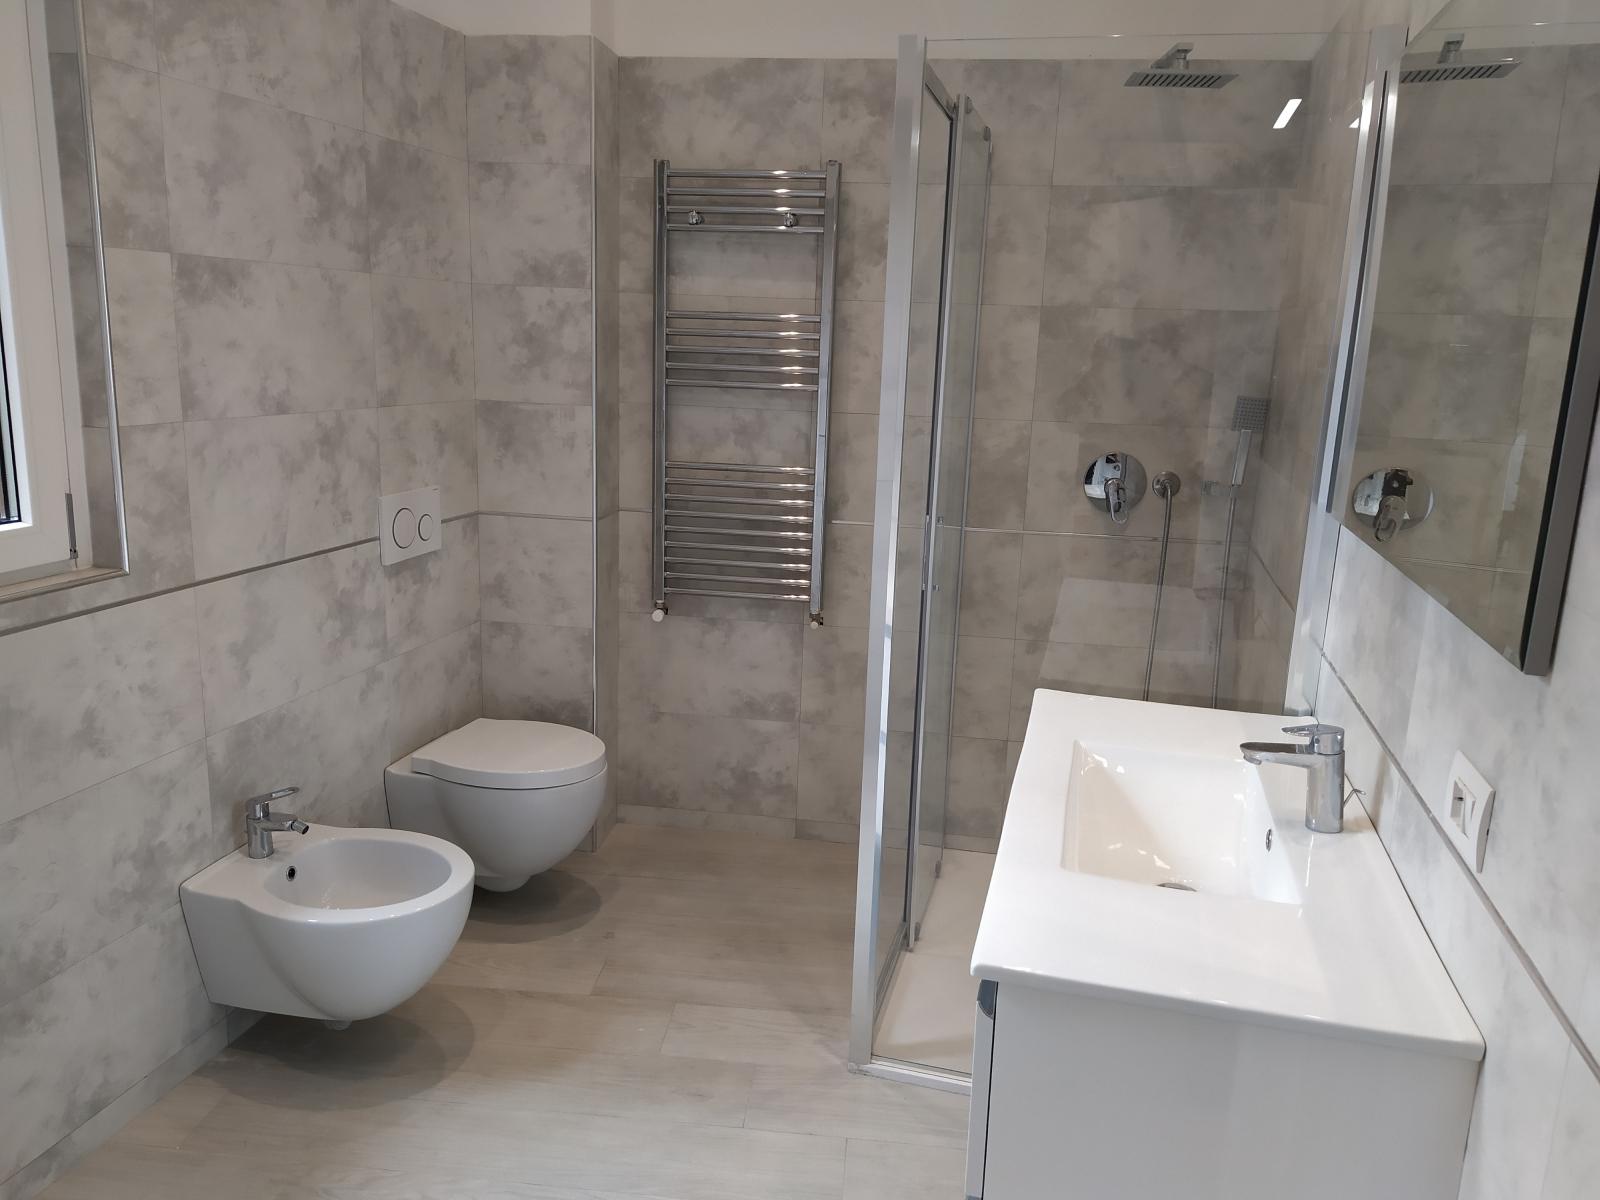 appartamento-in-vendita-milano-bovisa-piazza-dergano-3-locali-con-terrazzo-spaziourbano-immobiliare-vende-11